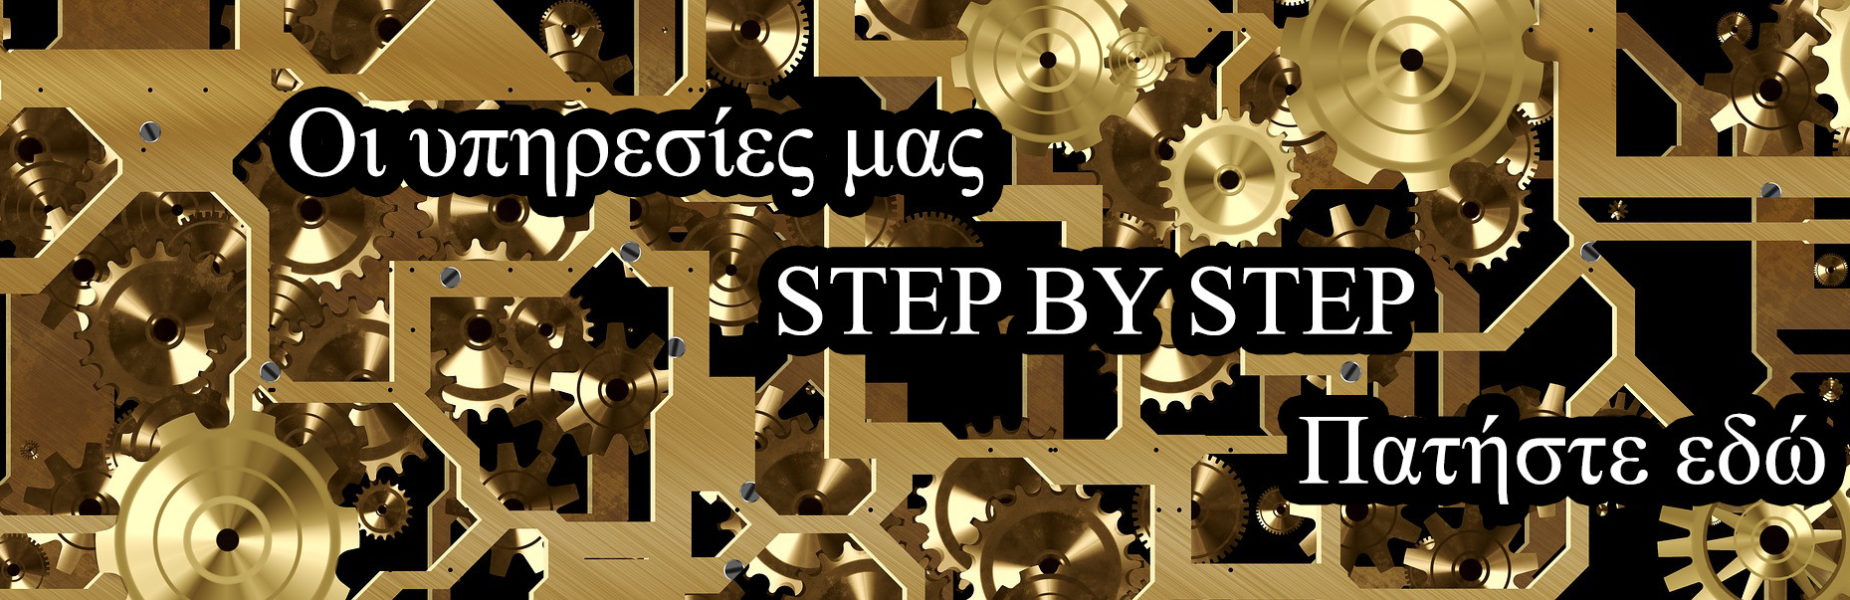 step_by_step_3